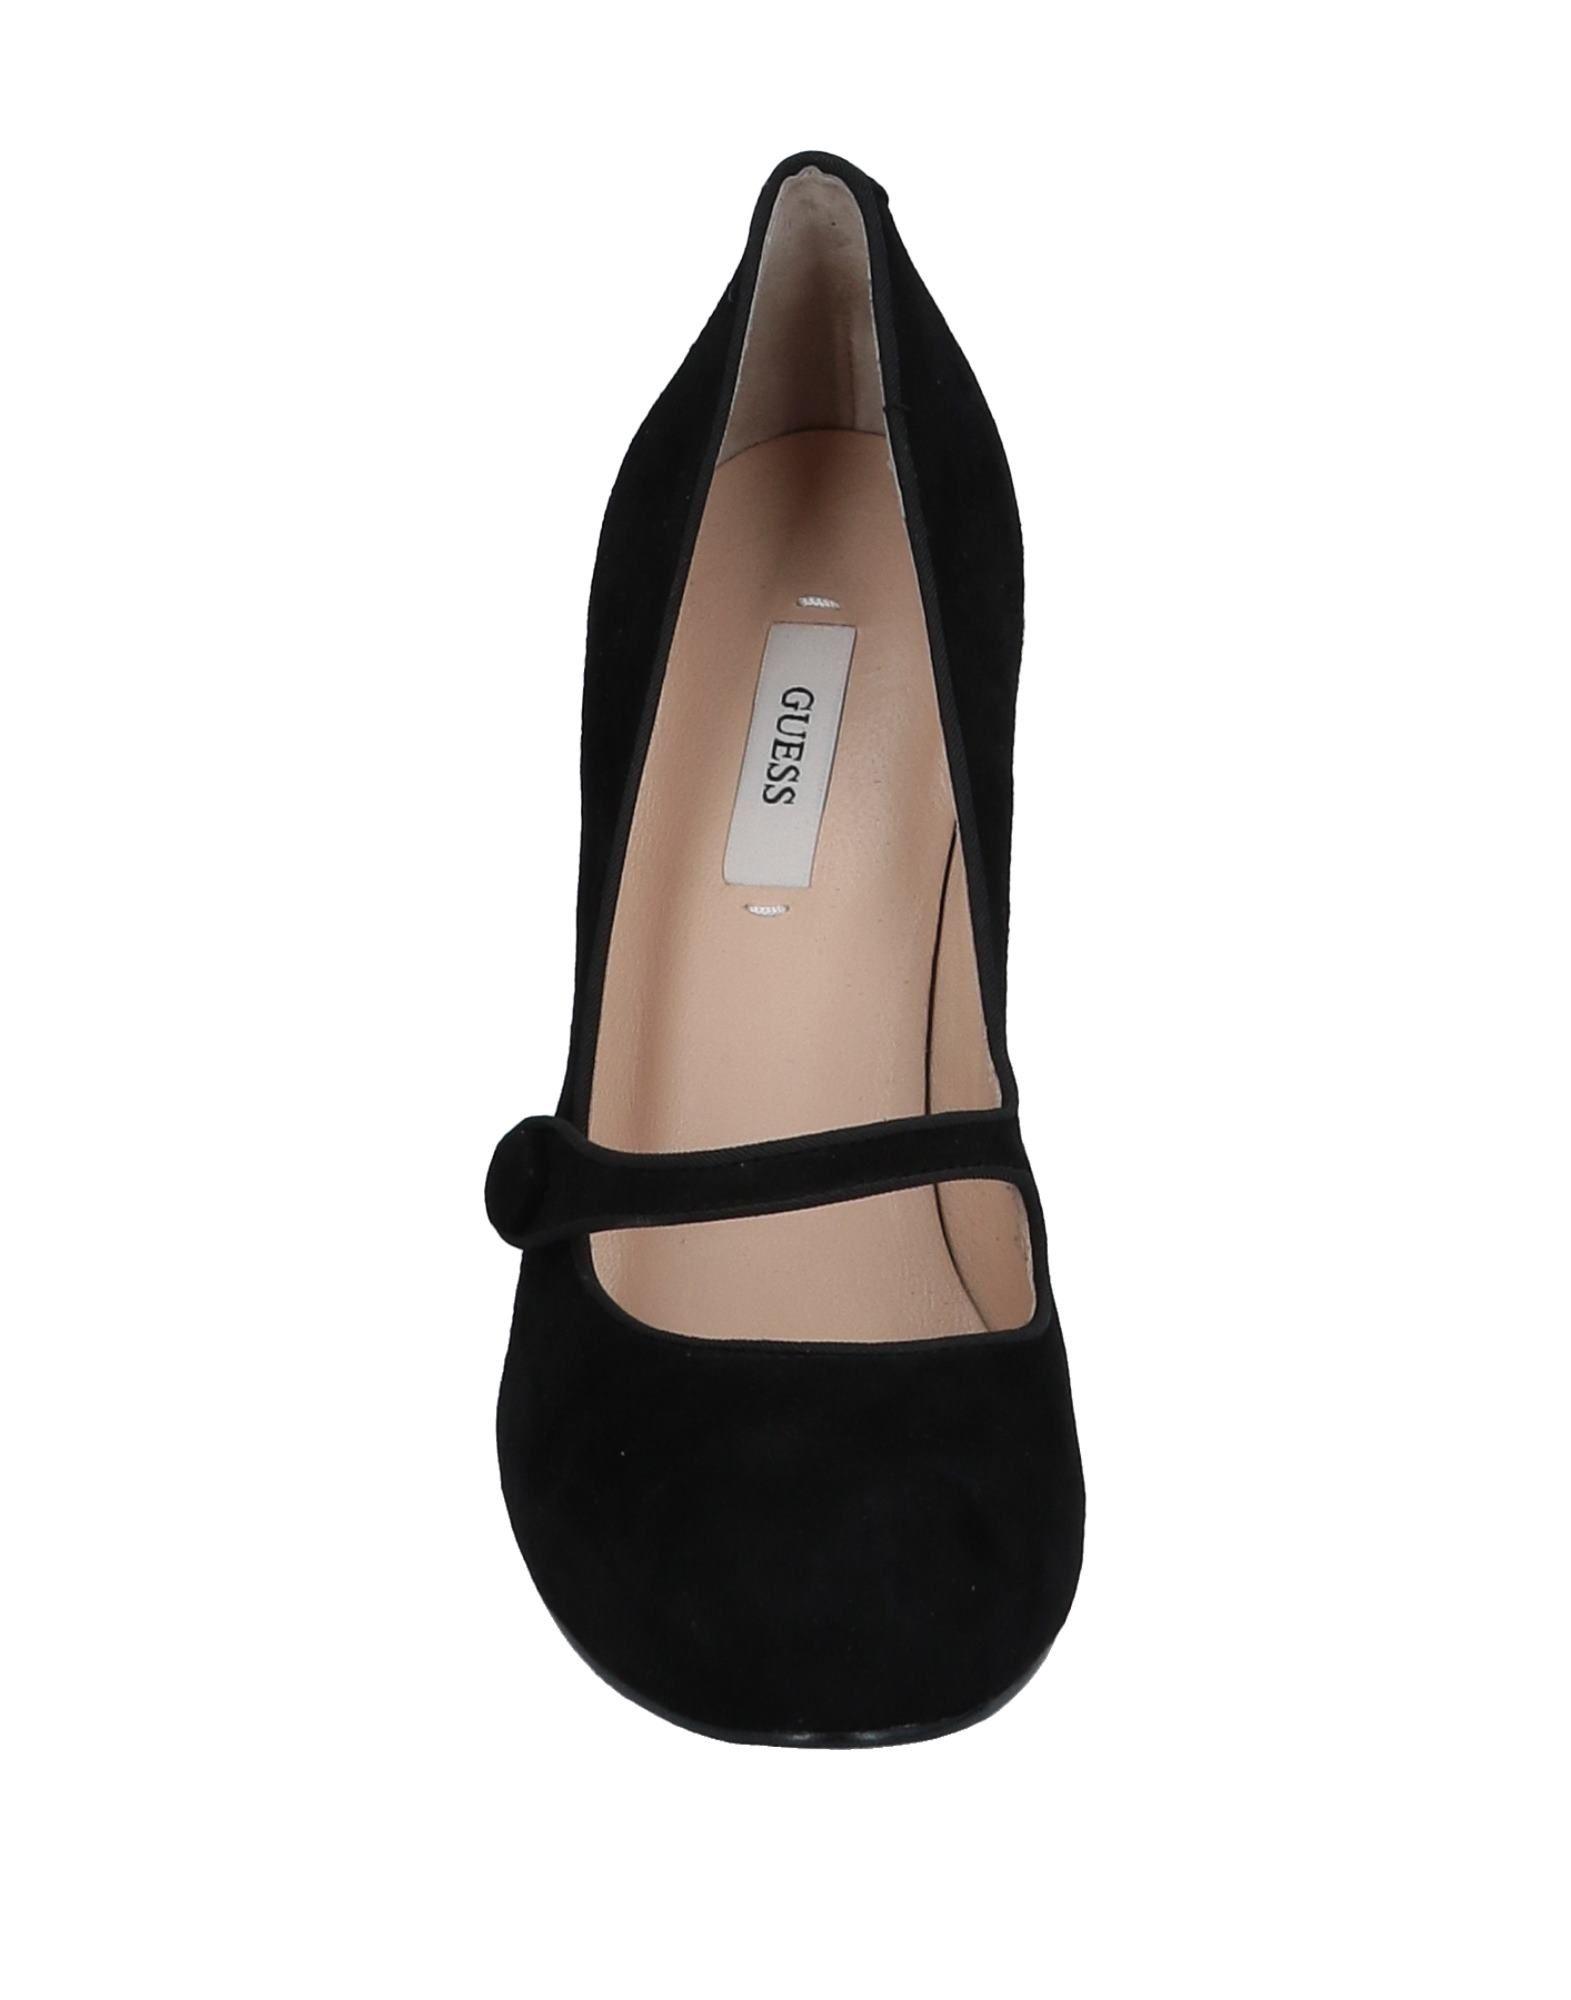 Guess Pumps Damen  11529193SV 11529193SV 11529193SV Gute Qualität beliebte Schuhe 5ce35b